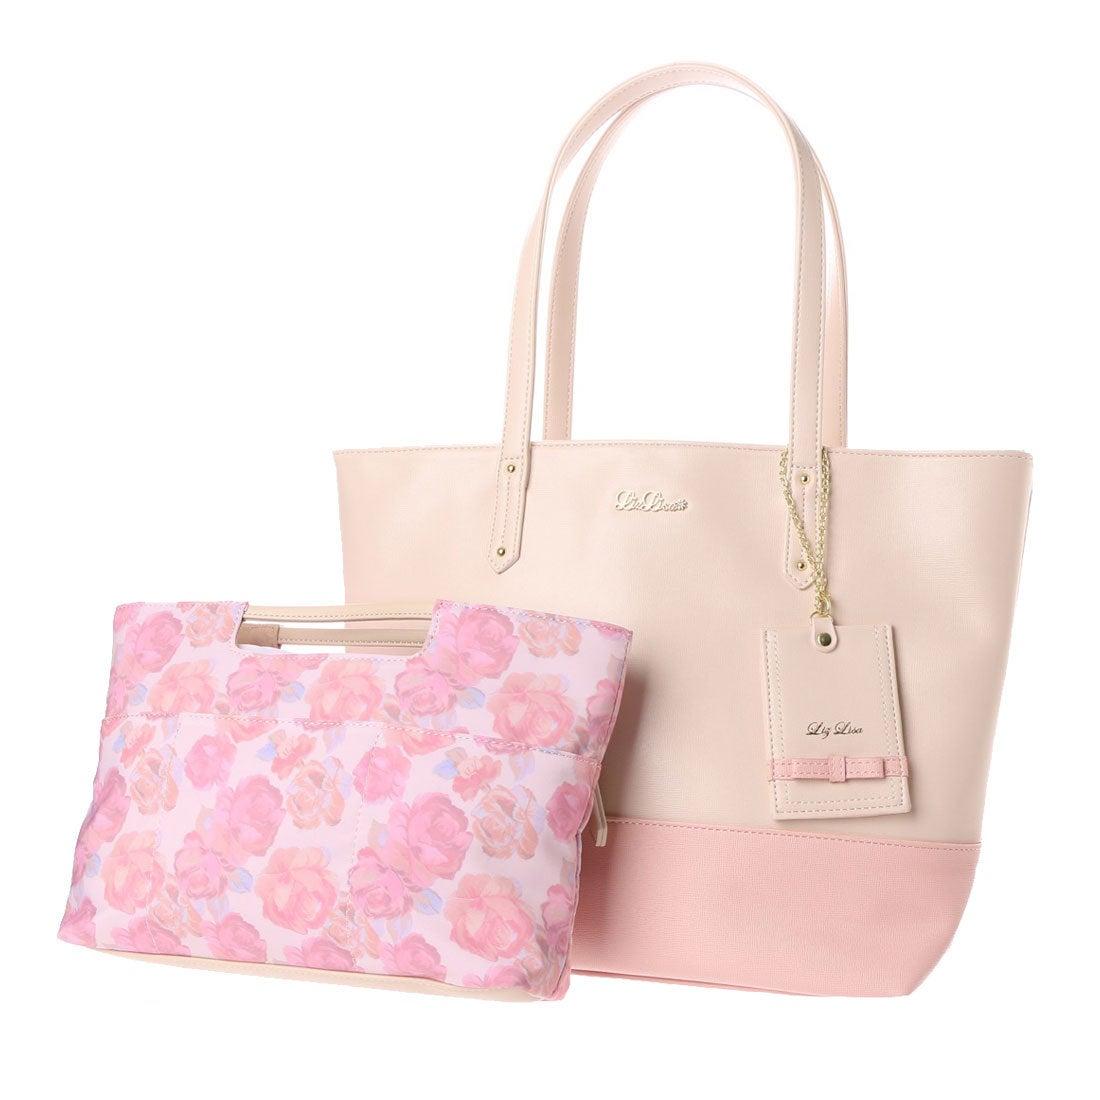 【SALE 50%OFF】リズリサ LIZ LISA ロペラ バッグインバッグ付トートバッグ(大) (ピンク) レディース